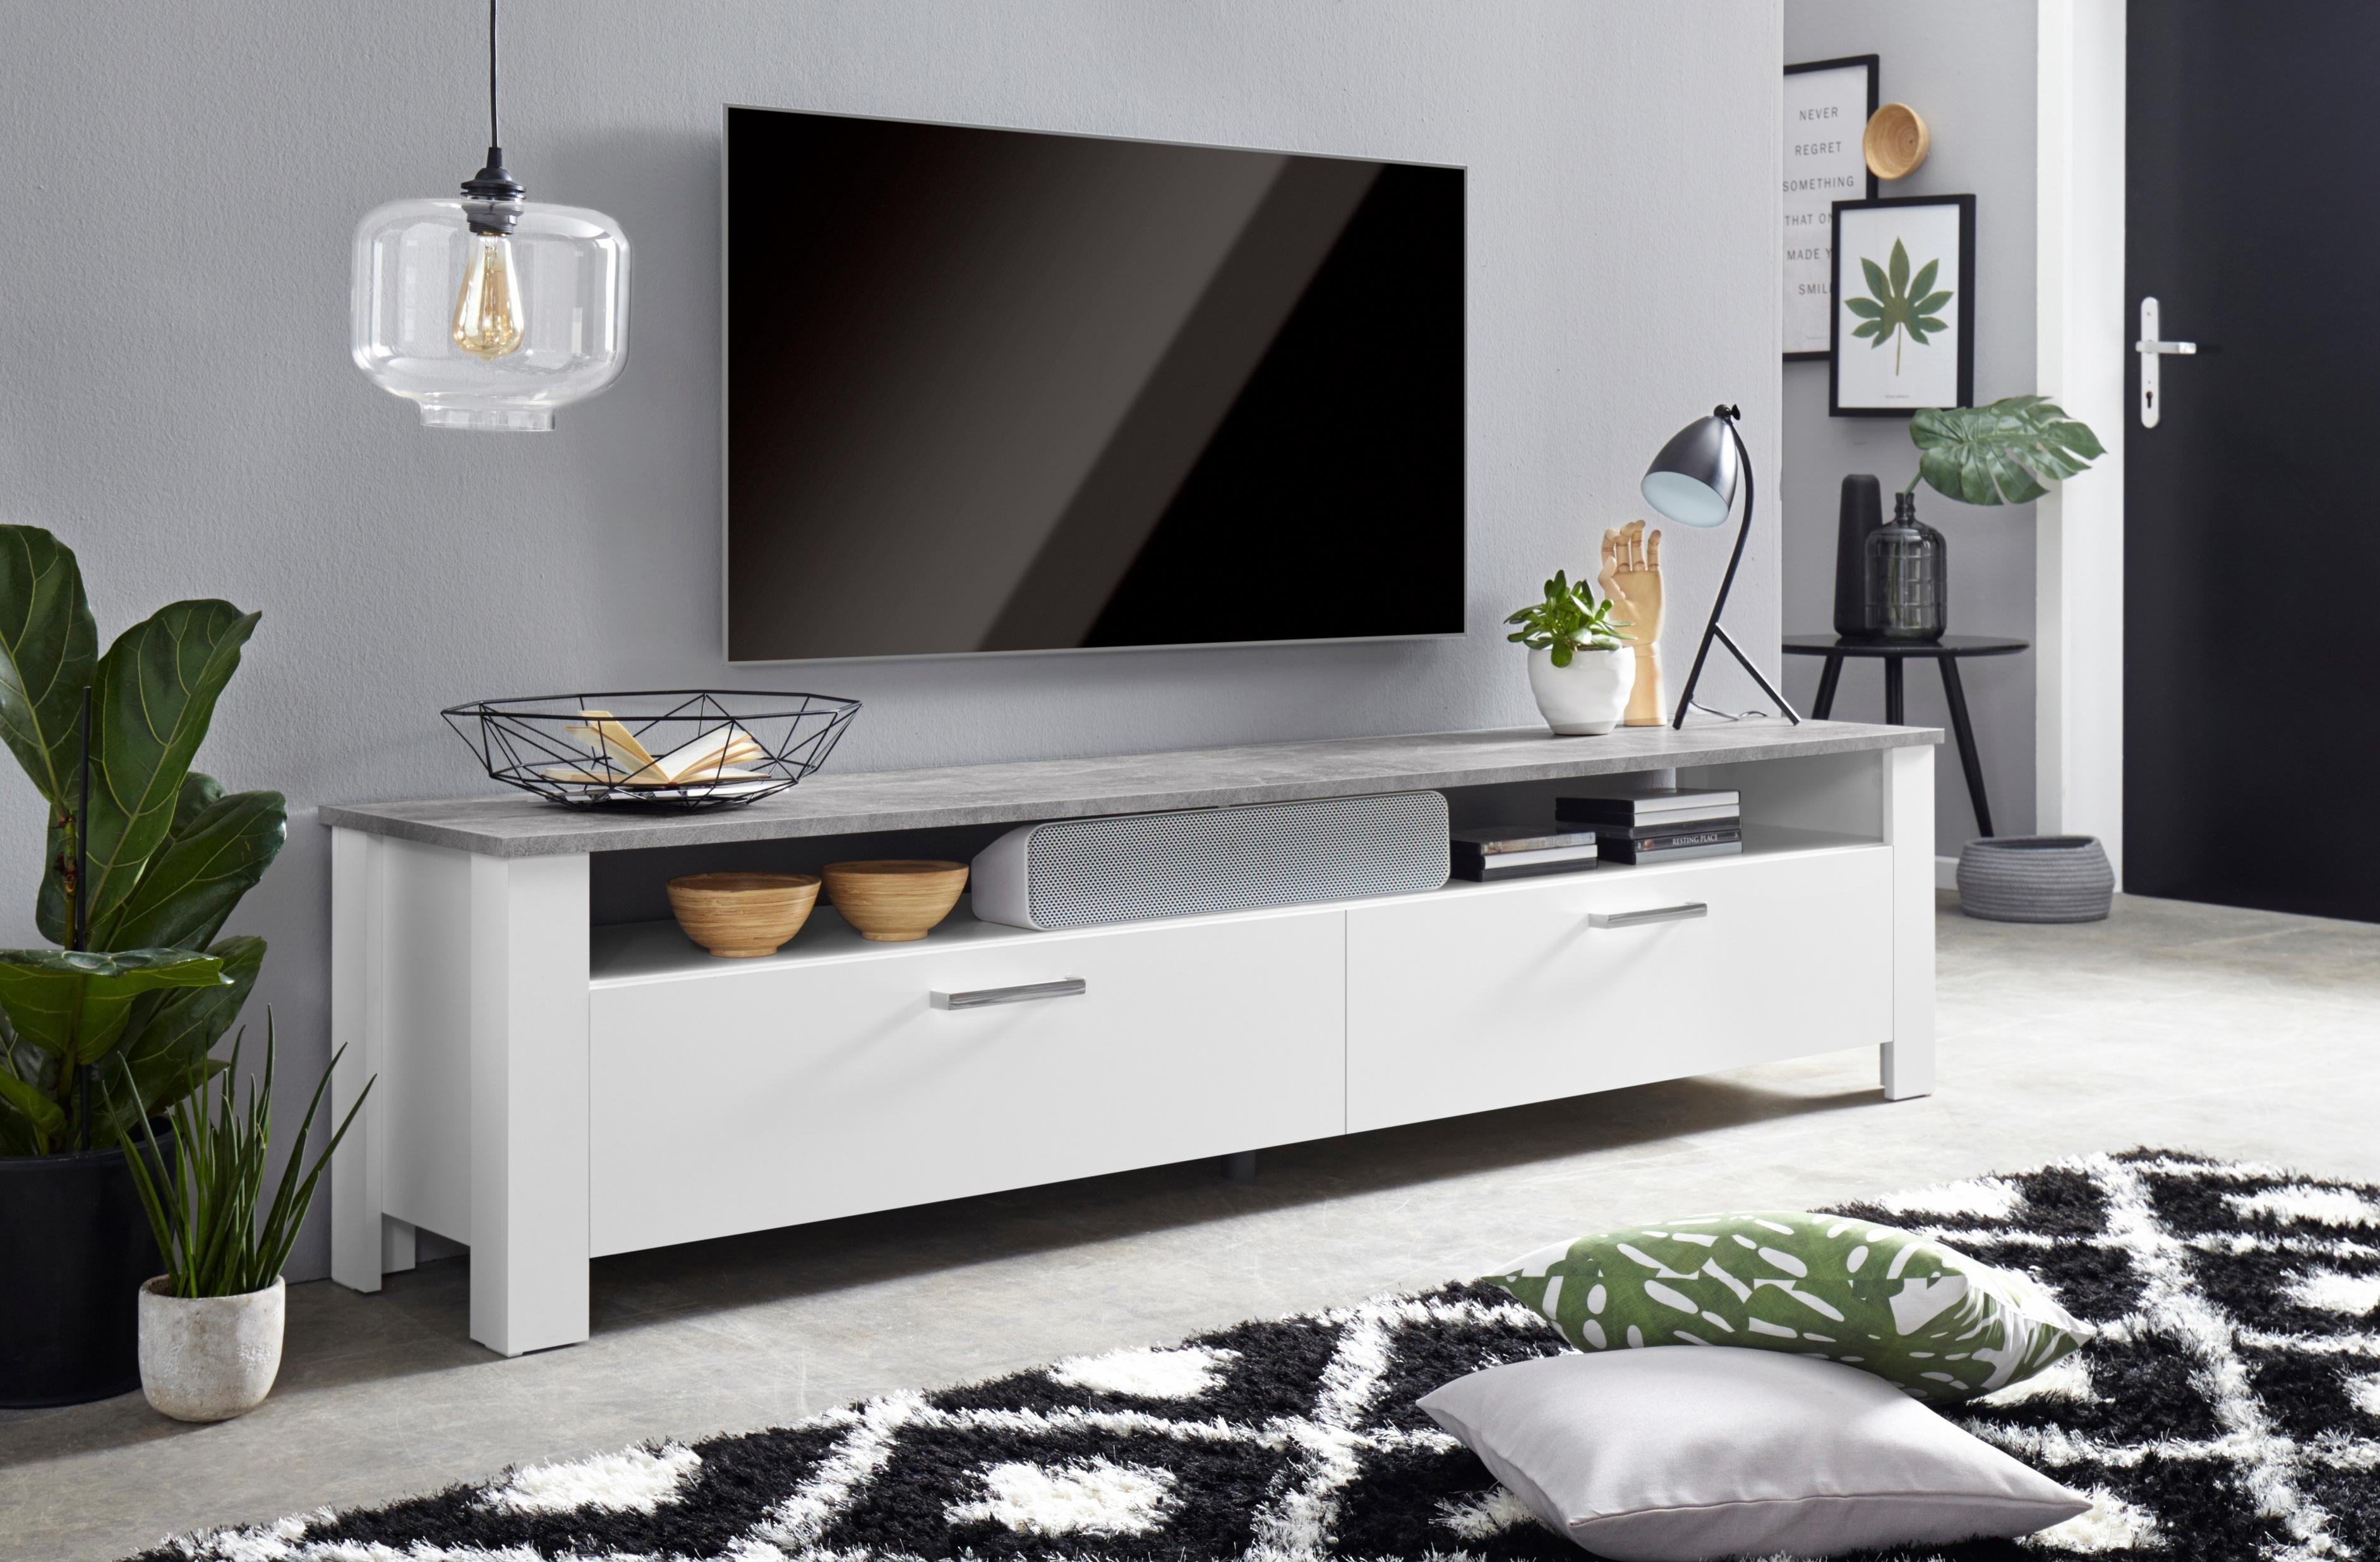 Homexperts tv-meubel Zabona Breedte 200 cm nu online kopen bij OTTO